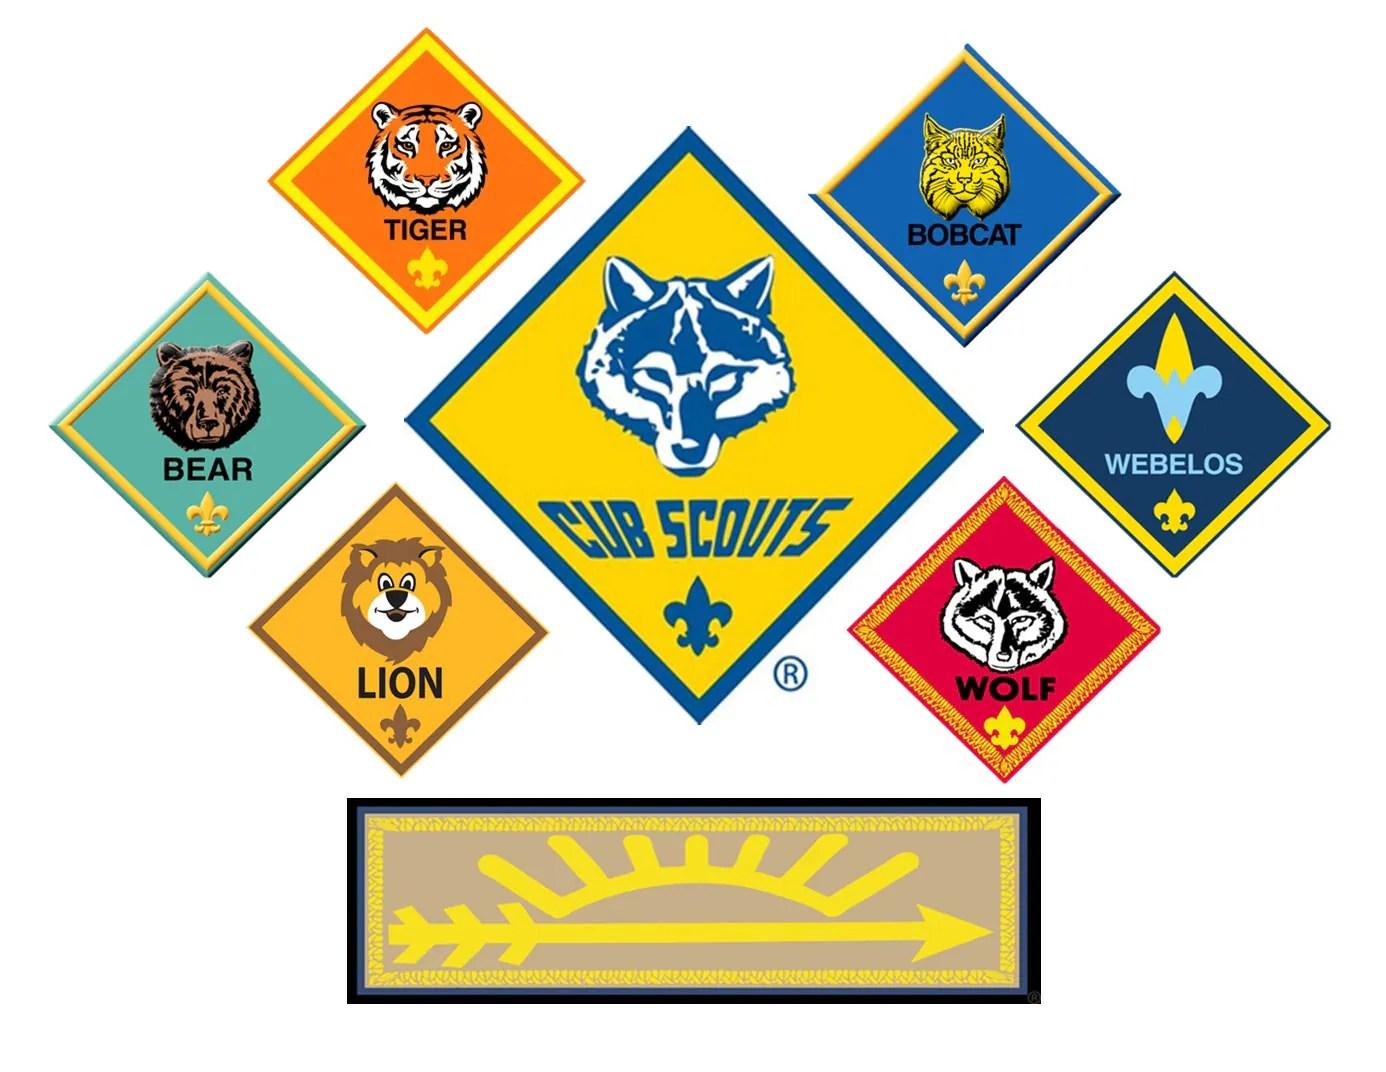 Lion Badge Cub Scouts Boy Scouts Edible Cake Topper